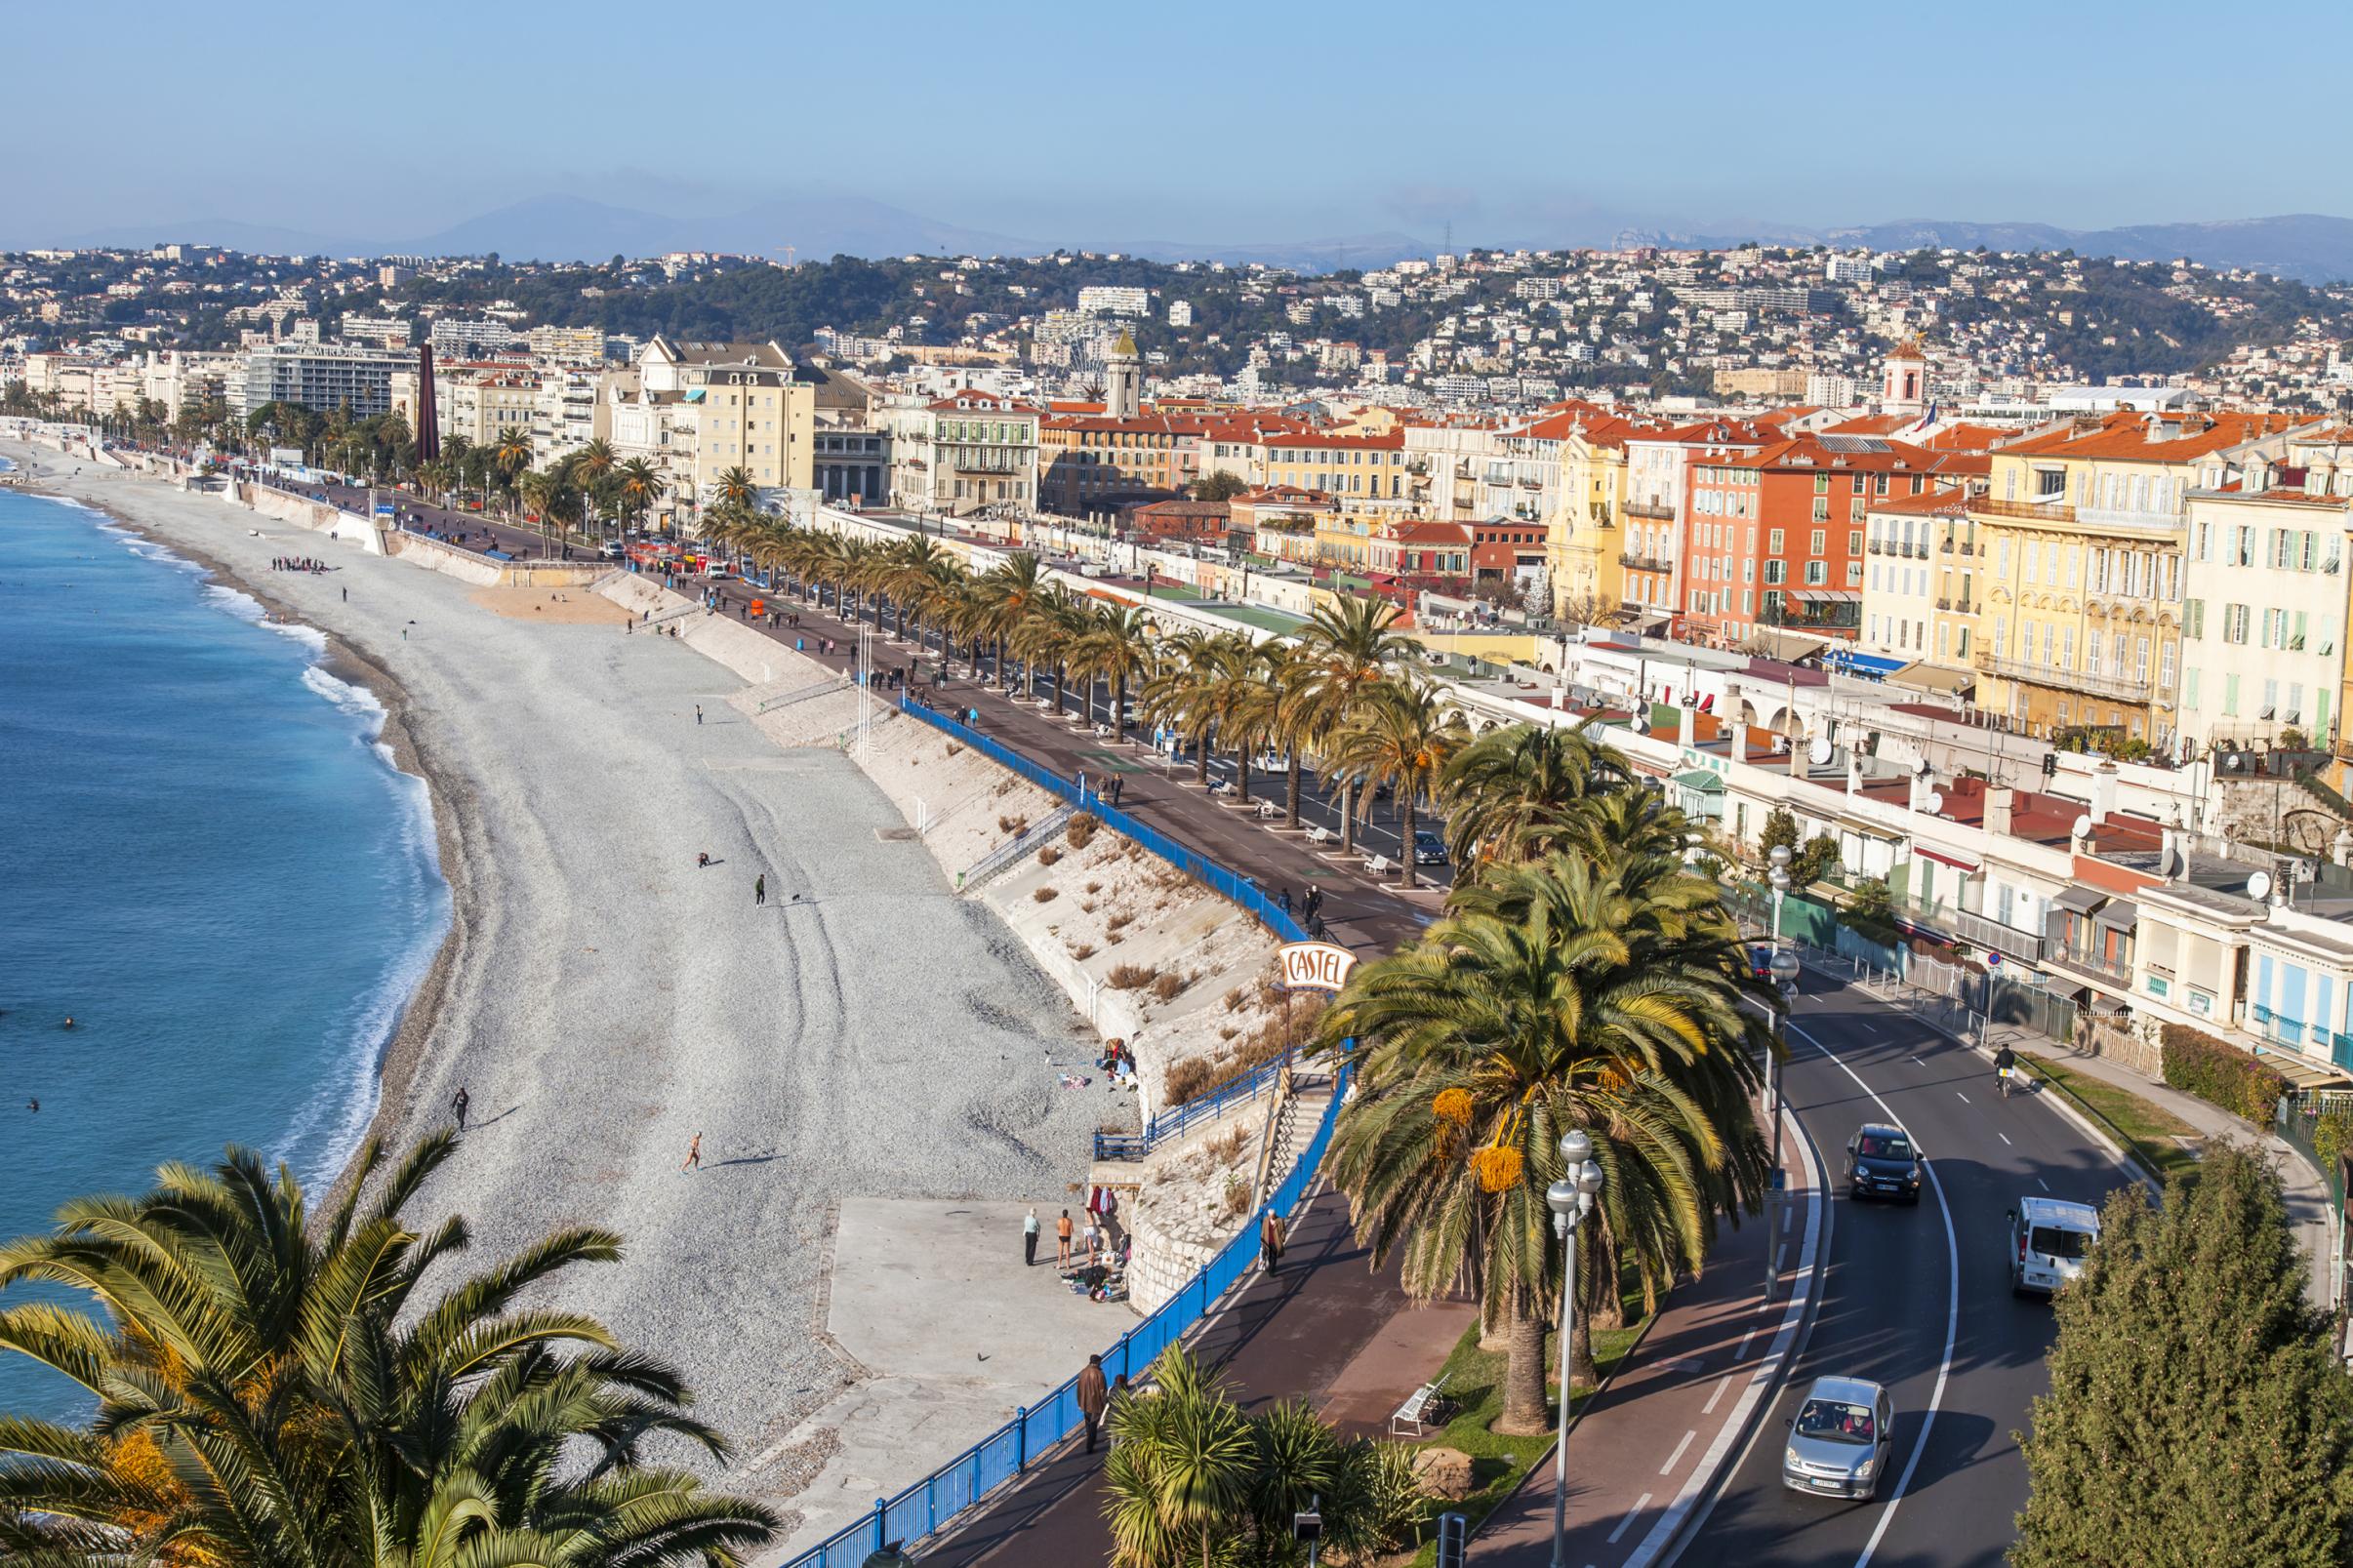 Afbeeldingsresultaat voor Promenade des anglais